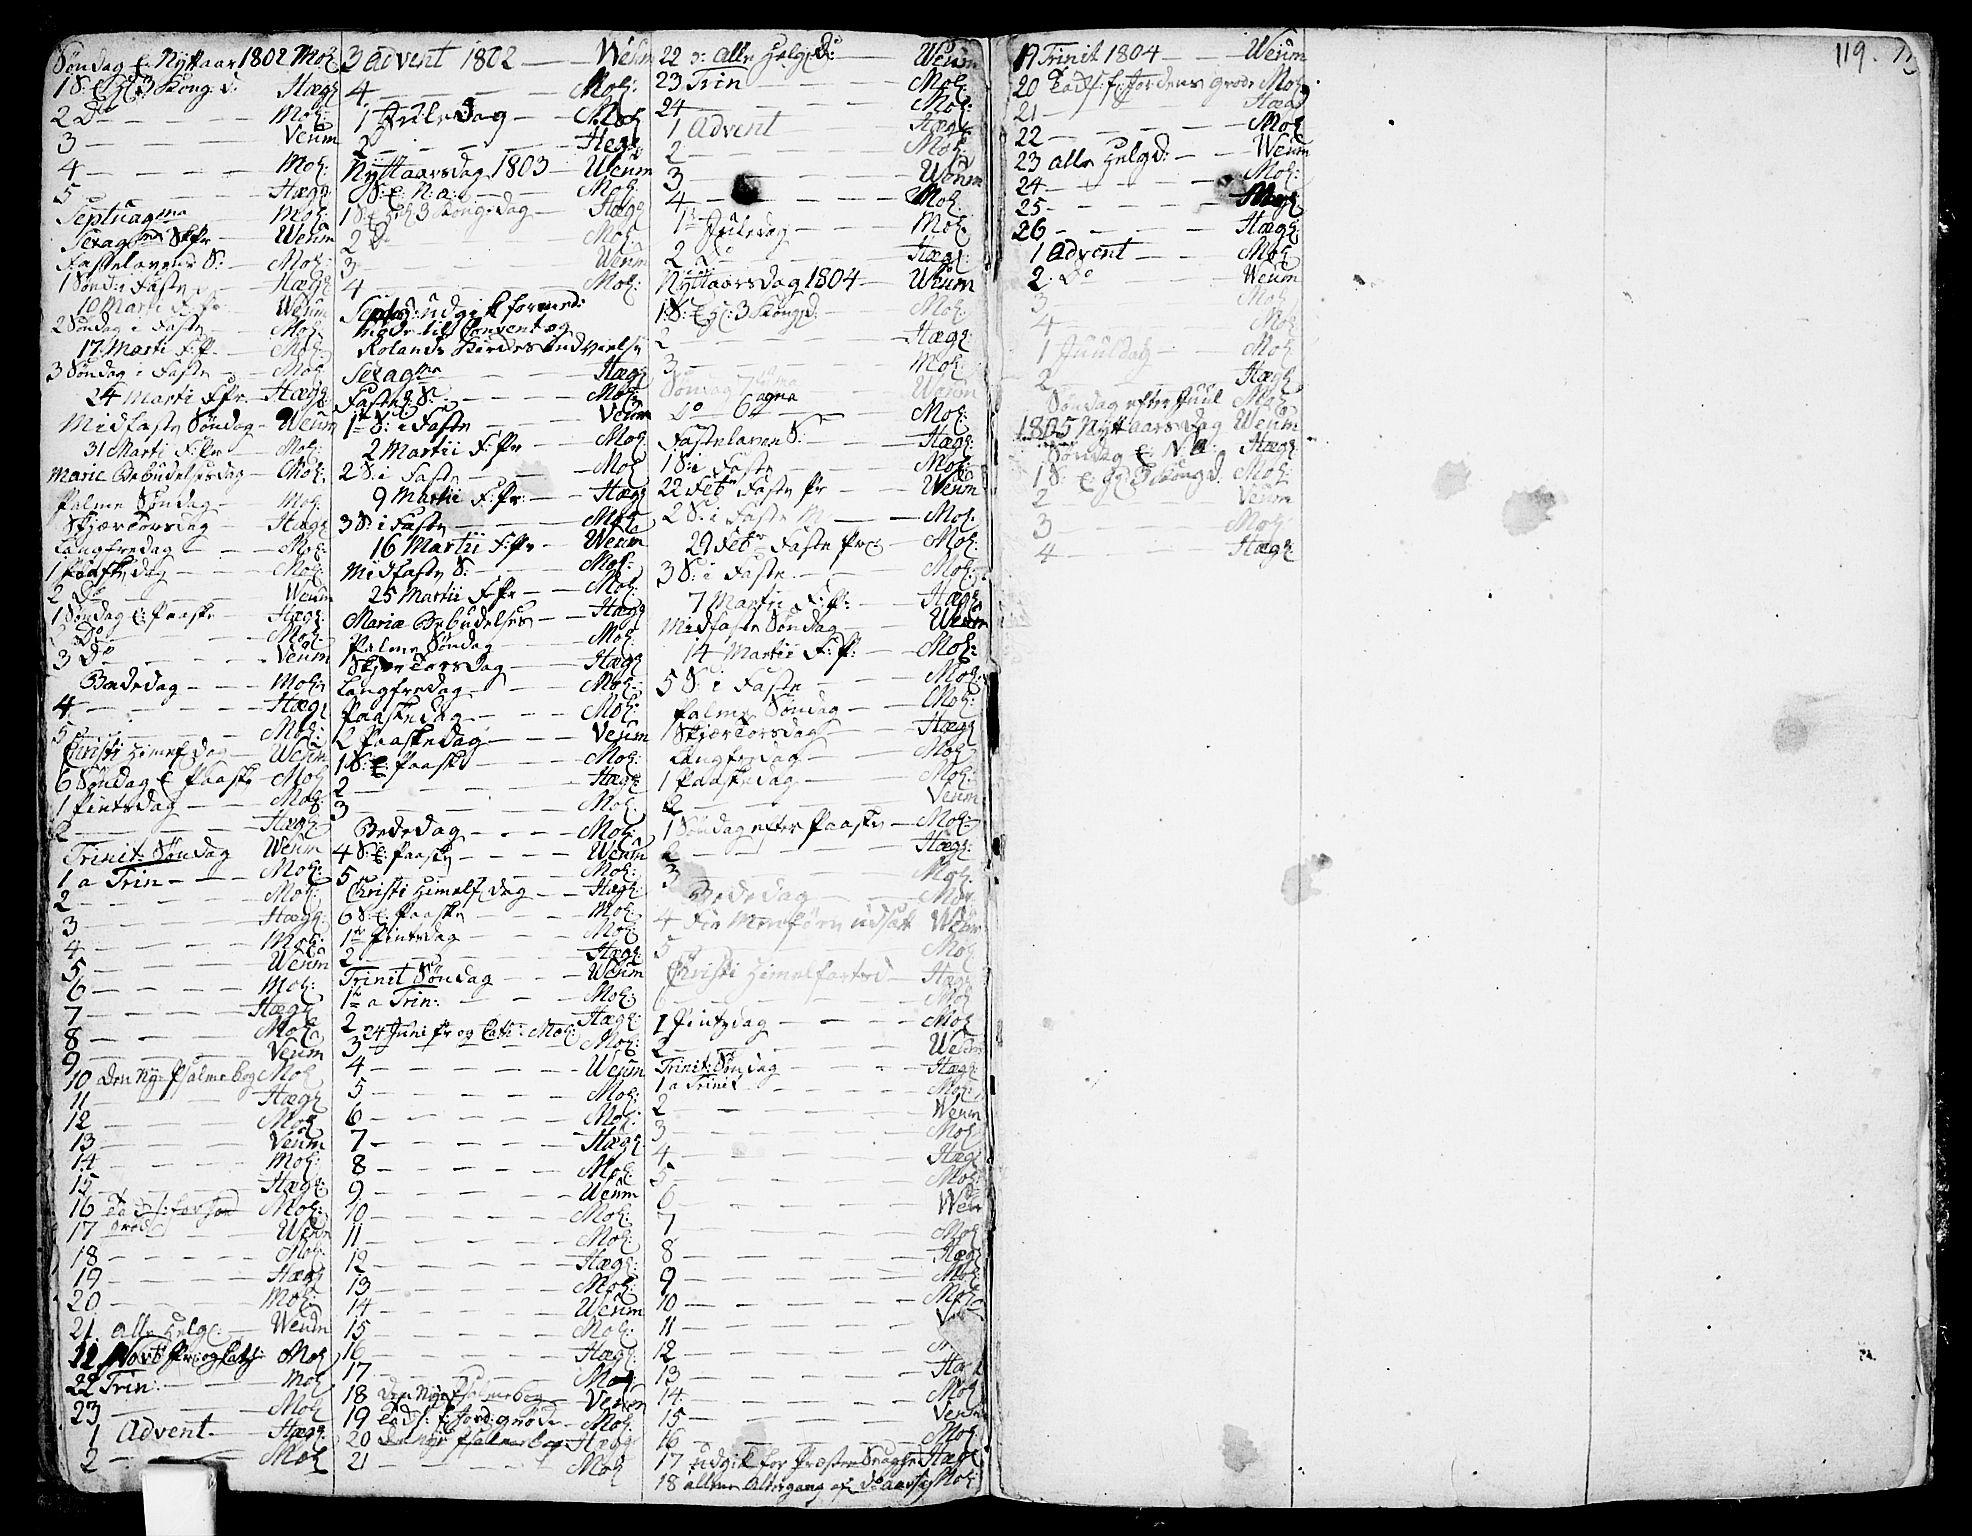 SAKO, Fyresdal kirkebøker, F/Fa/L0002: Ministerialbok nr. I 2, 1769-1814, s. 119